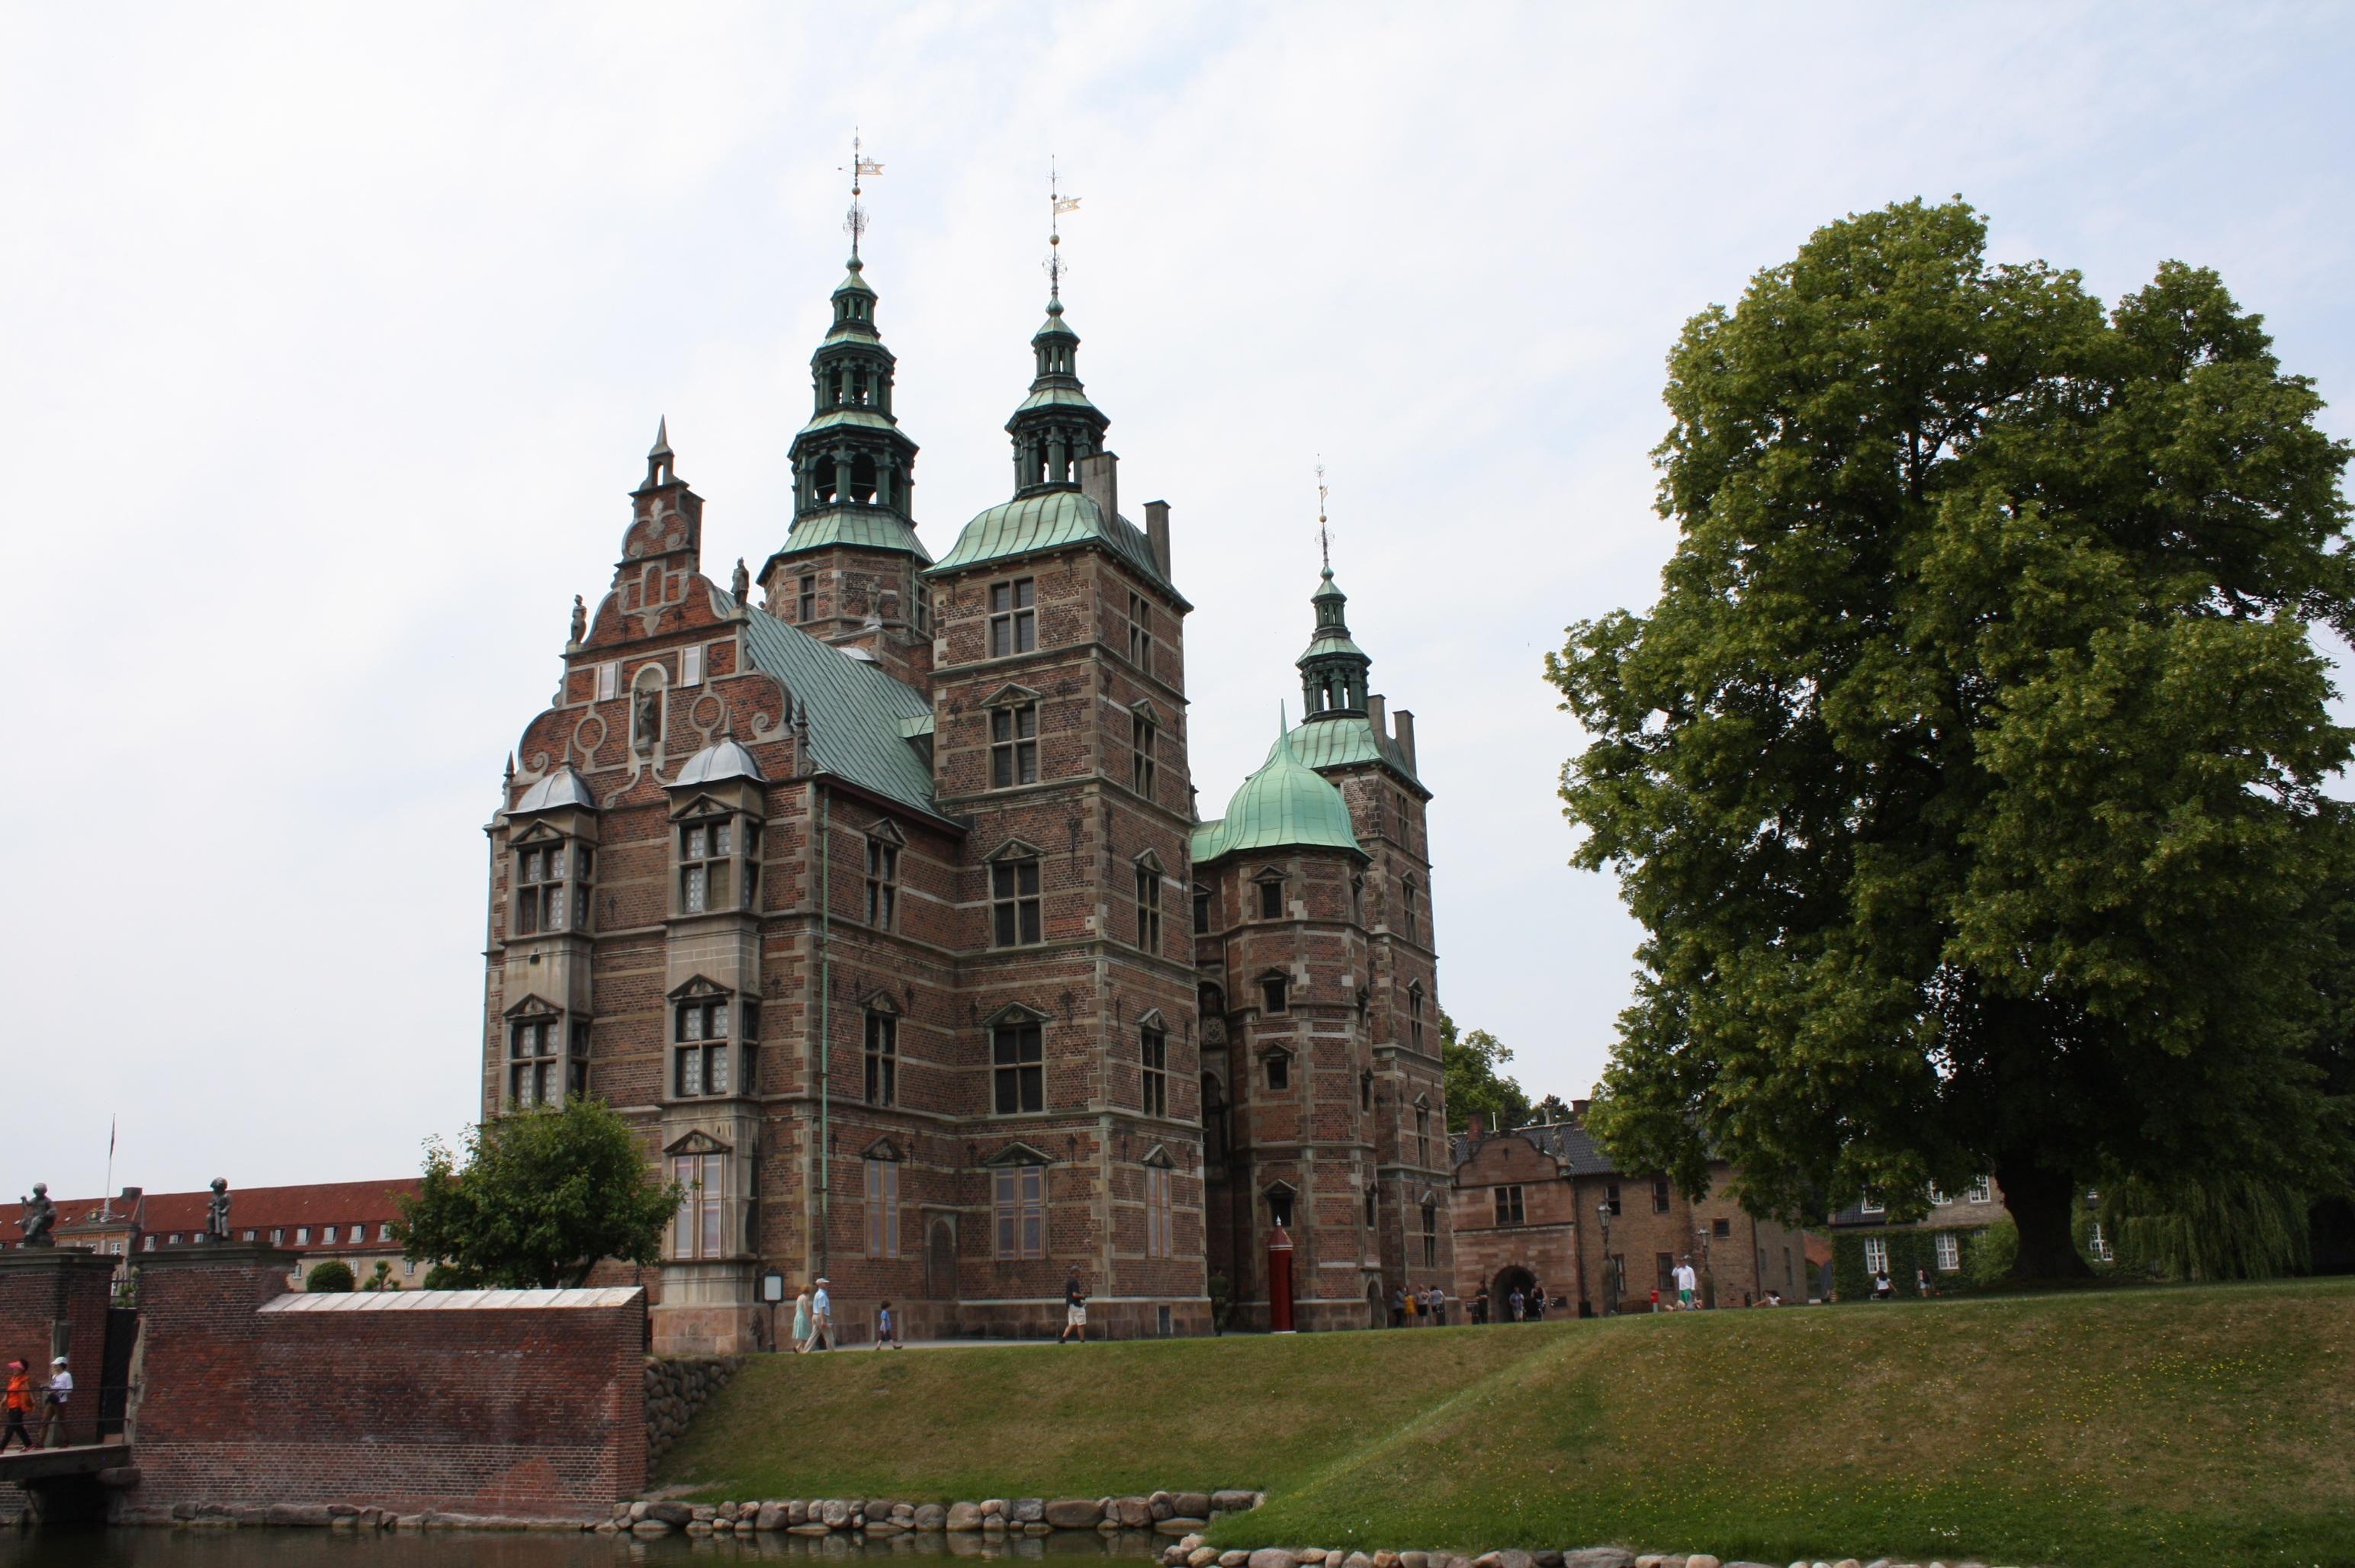 The Grand Scandinavian Circle Tour - Rosenborg Castle, Copenhagen, Denmark